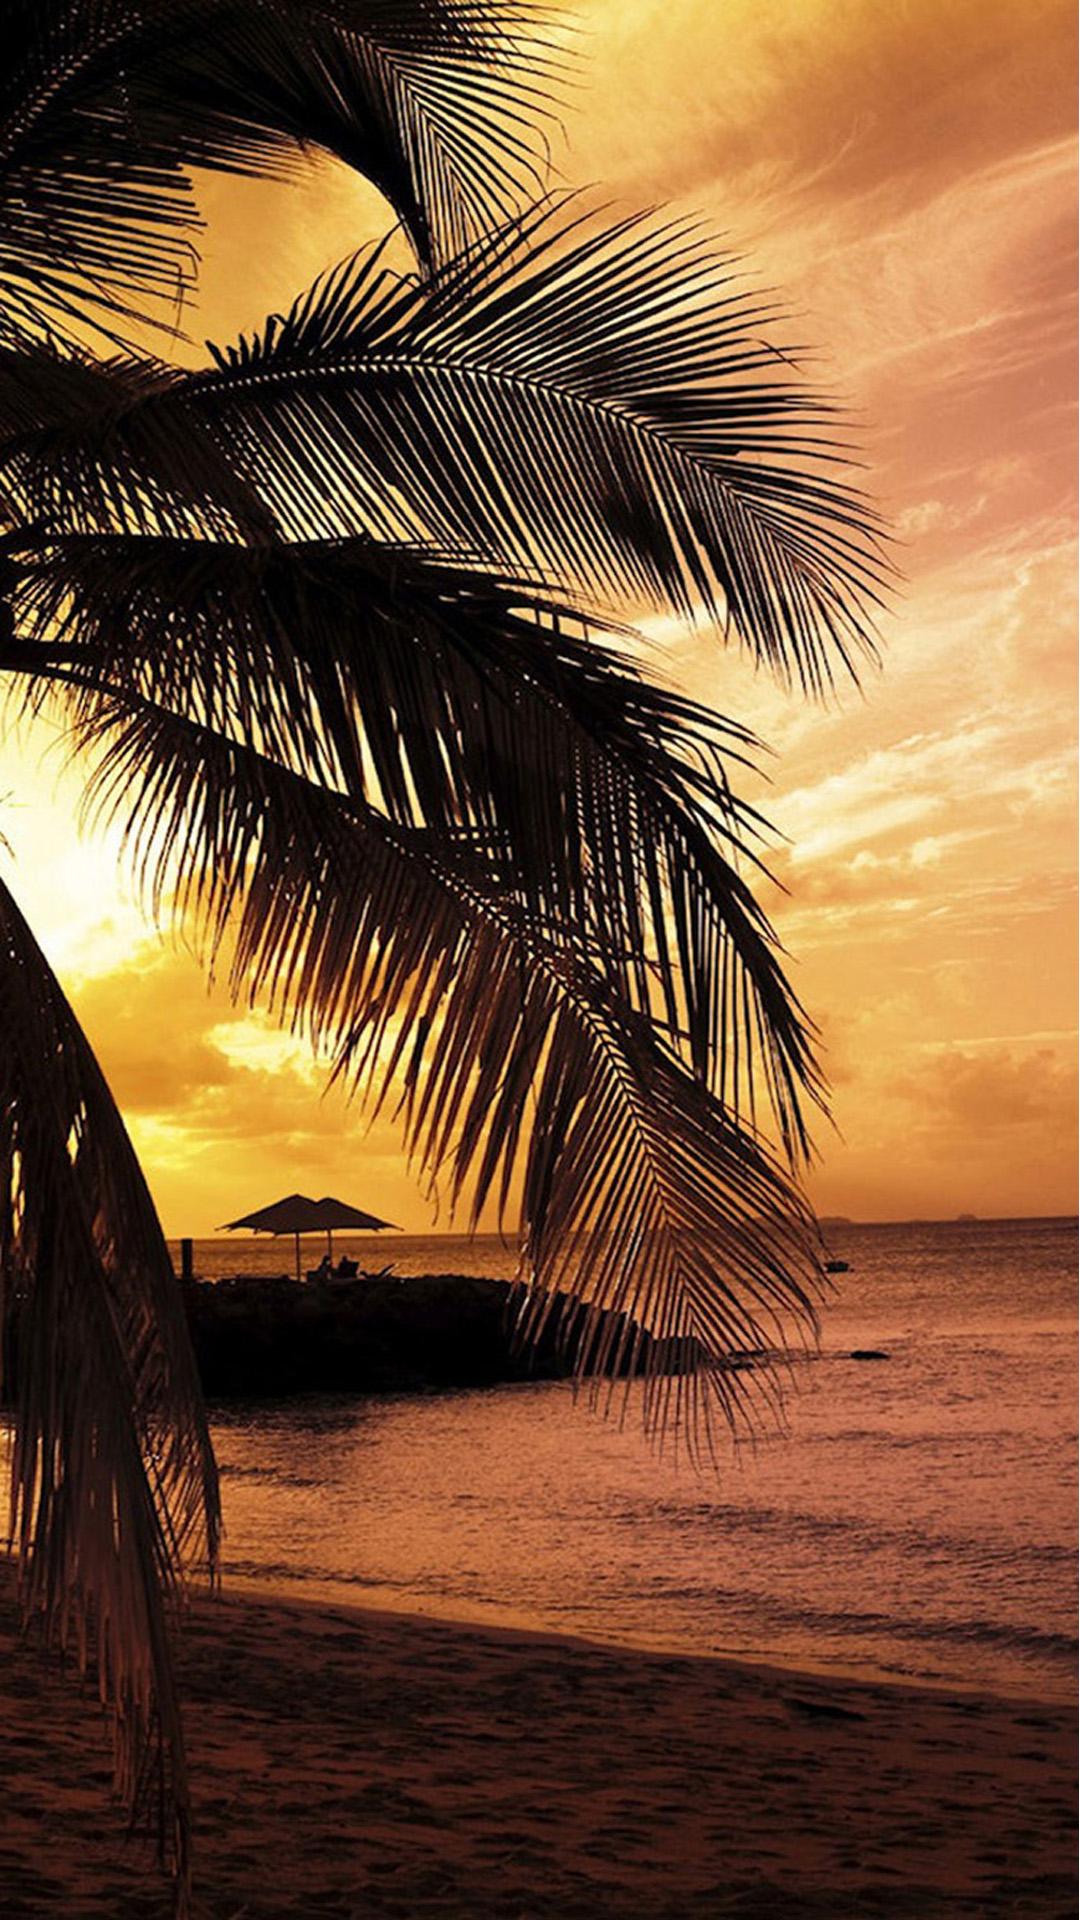 Beach Palm Trees